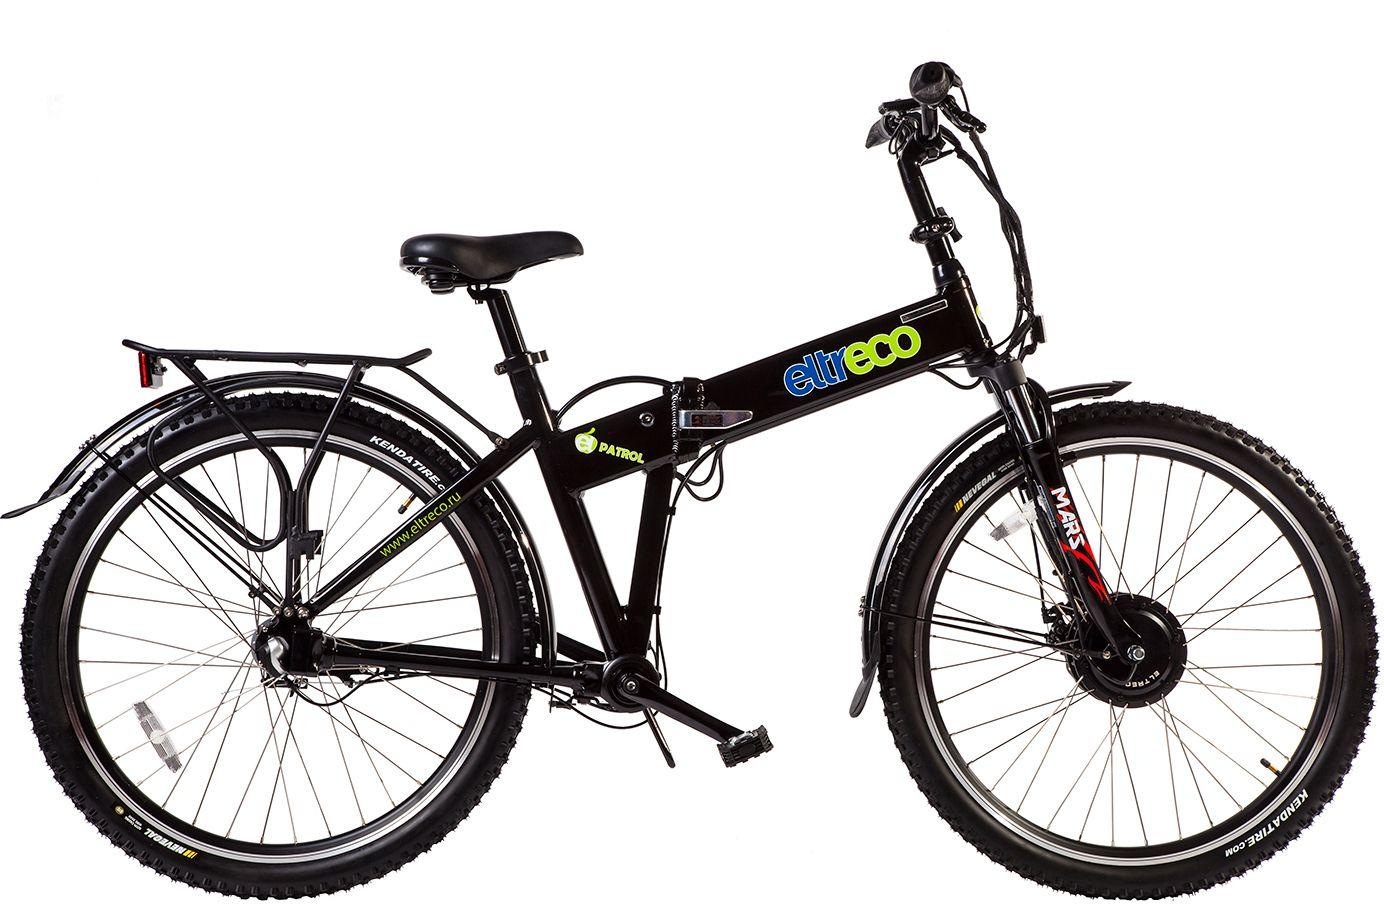 Велосипед Eltreco Patrol Кардан 26 Nexus 7 2016 сумка дорожная на колесах edmins цвет коричневый 83 л 213 нтв 240 10